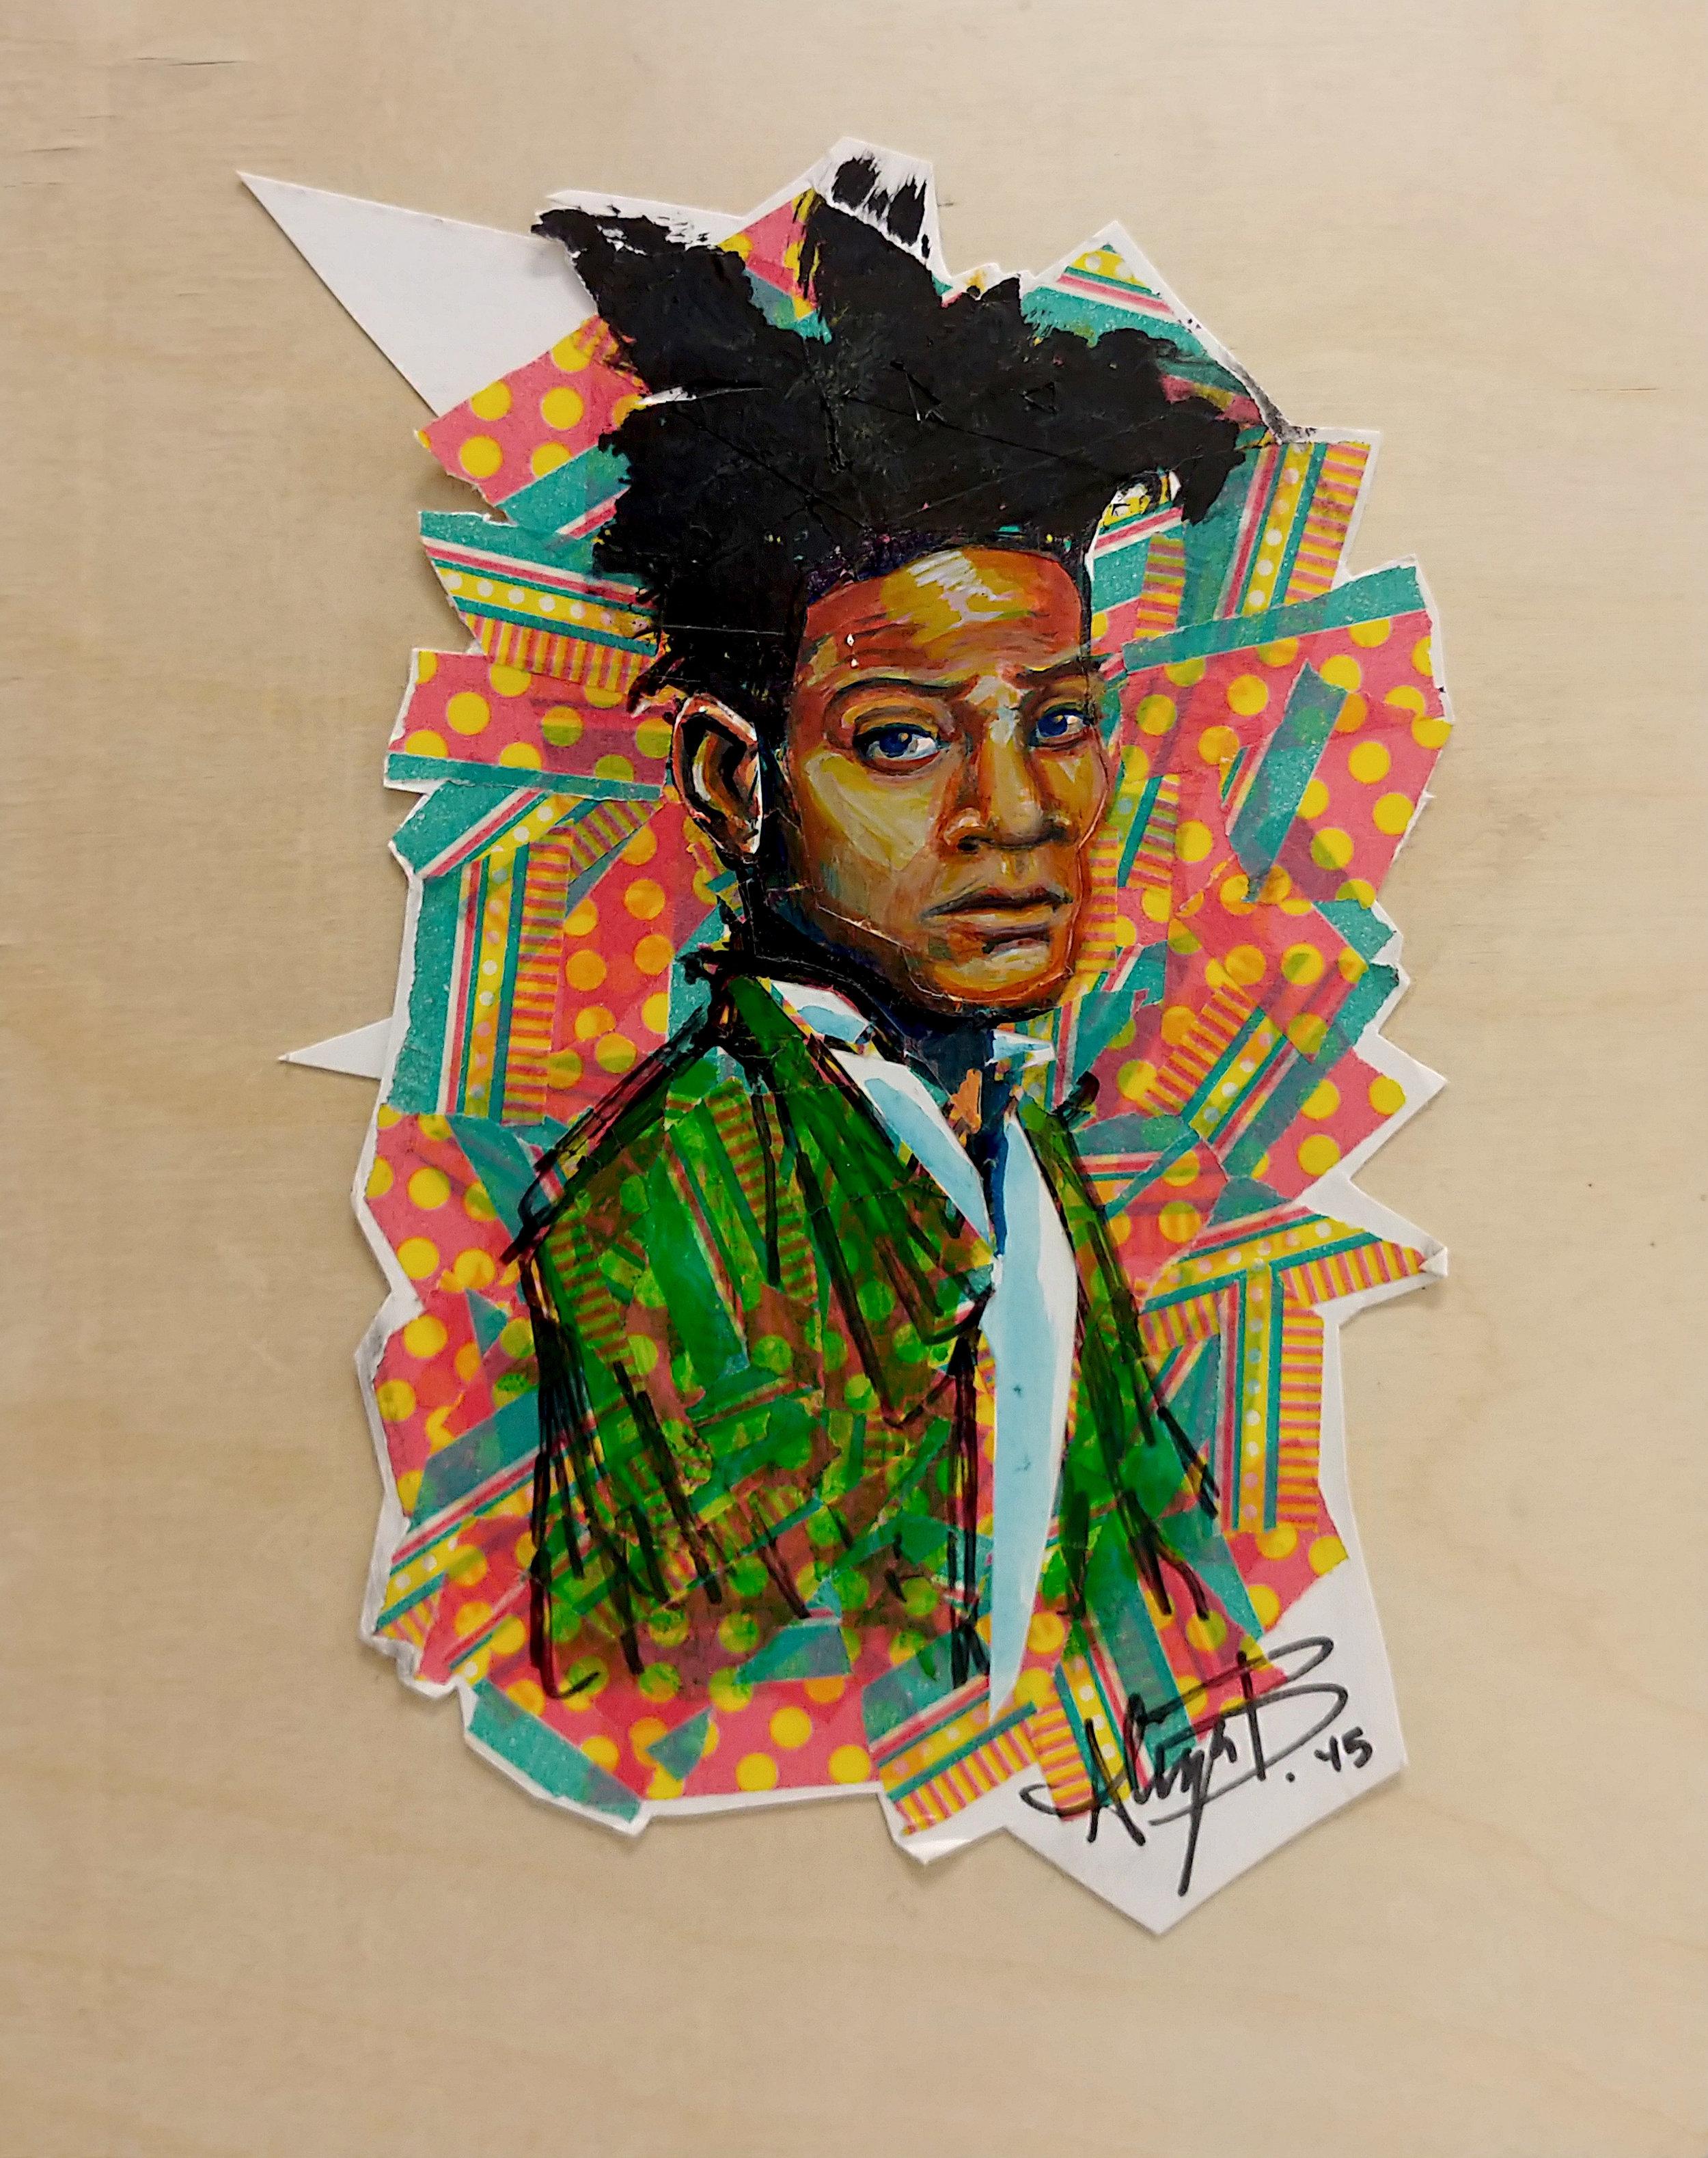 Basquiat Mixed Media 10in x 8in